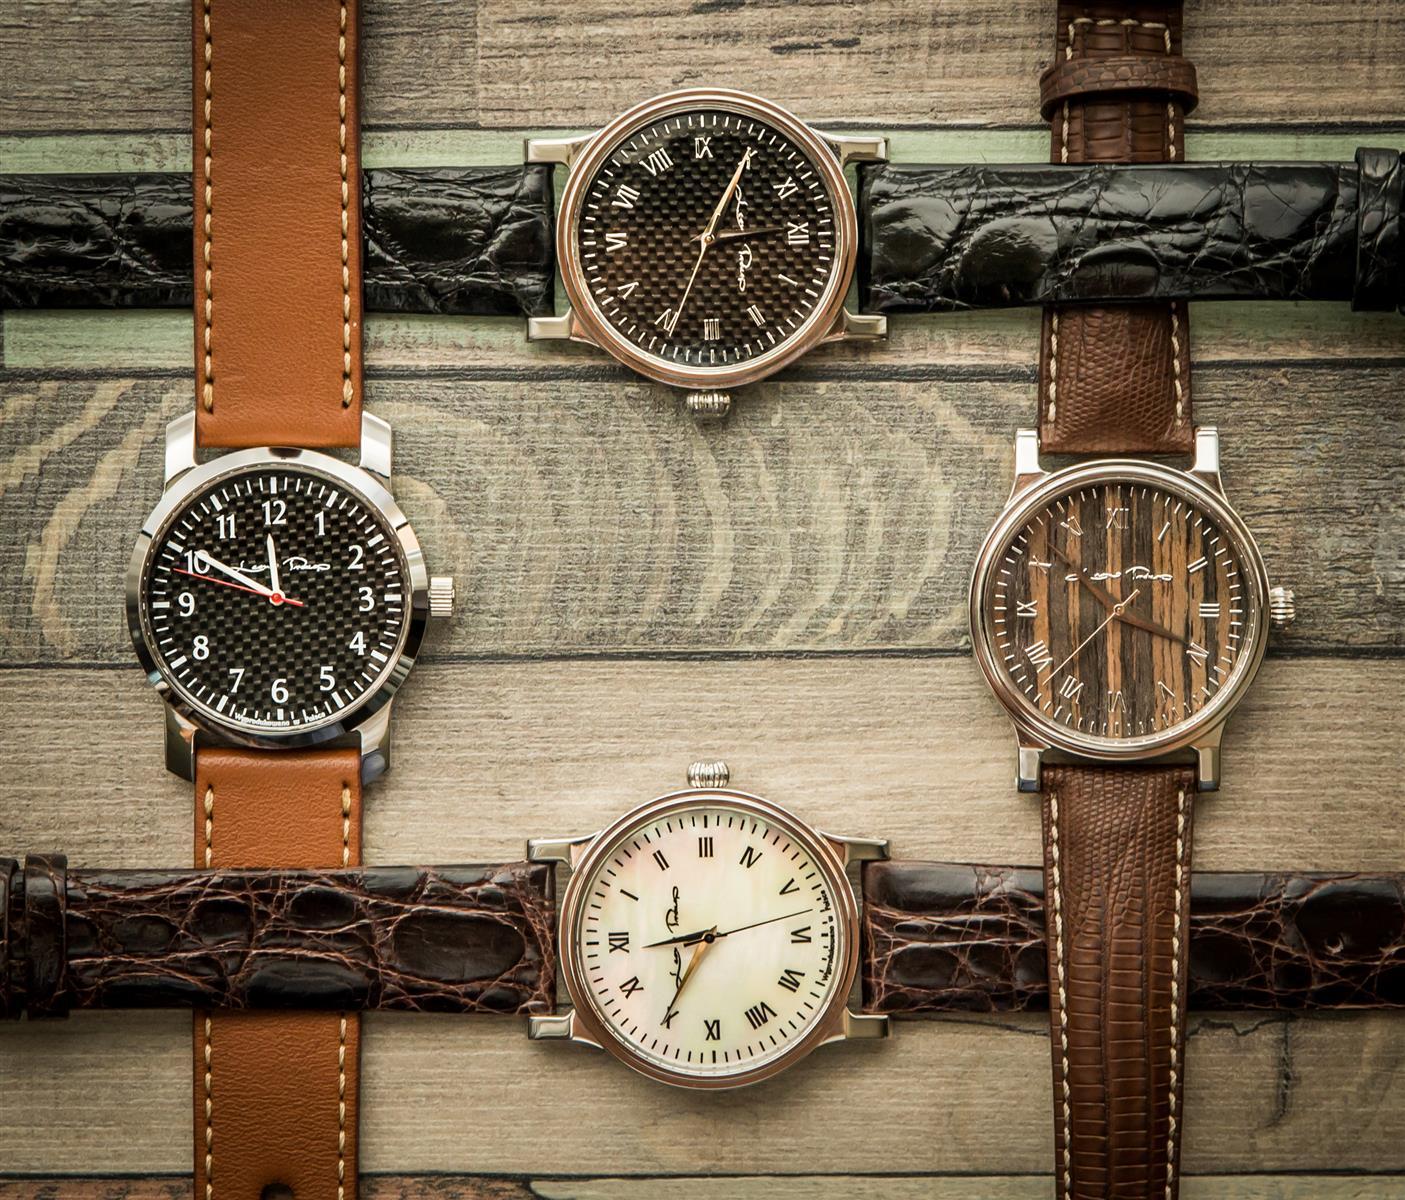 623ed2230ee7a6 Aktualna oferta zegarków obejmuje 12 modeli. Klienci pracowni mają  możliwość bardzo dużej personalizacji wybranego modelu poprzez wiele opcji  wyposażenia i ...